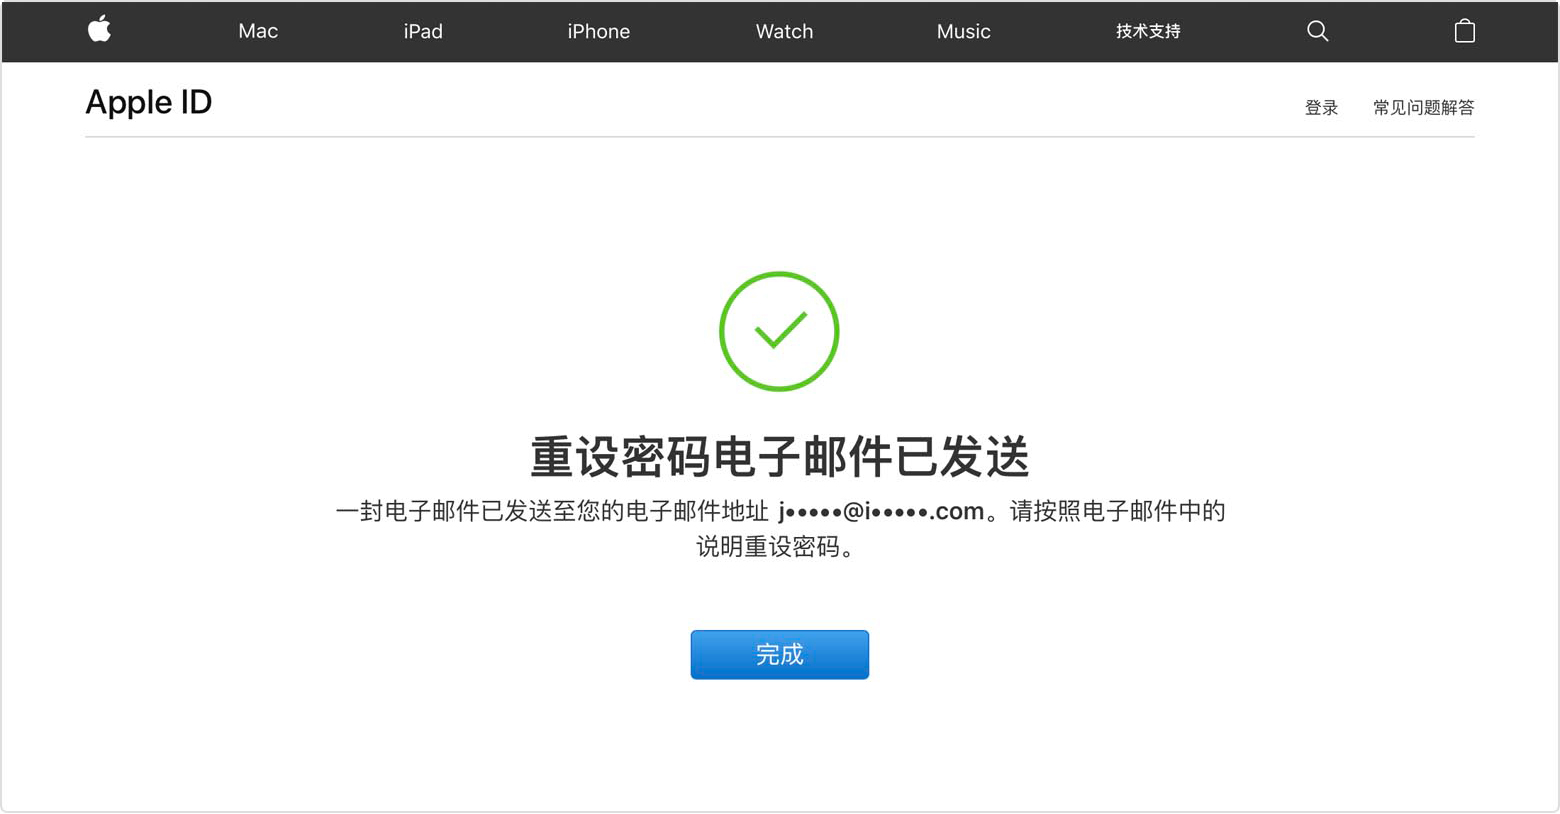 """Apple ID 屏幕,其中显示了""""重设密码电子邮件已发送"""""""